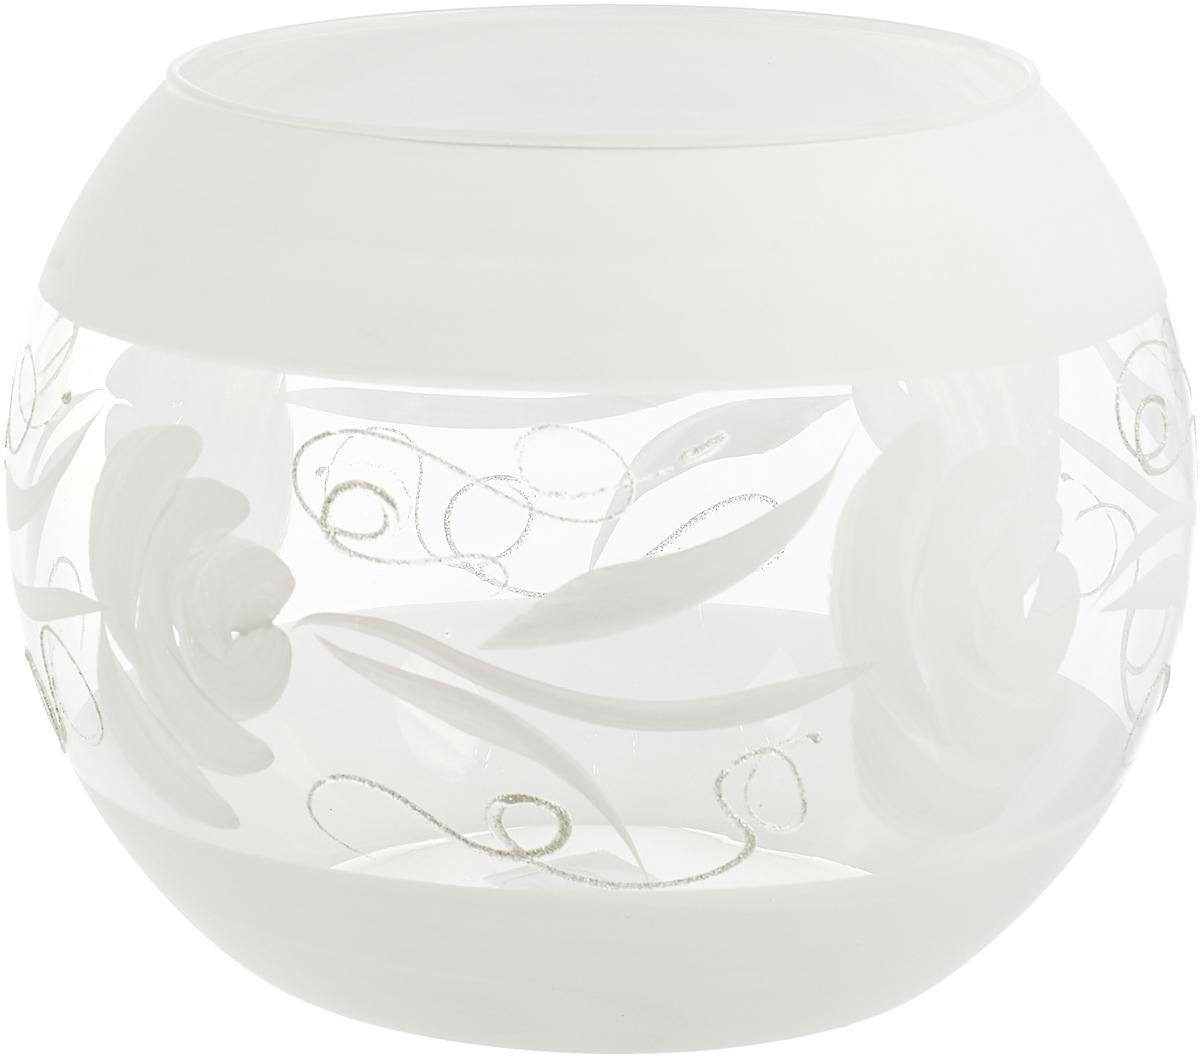 Ваза Lefard, 730-241, прозрачный, 26 х 34 х 60 см lefard ваза tibby 60 см